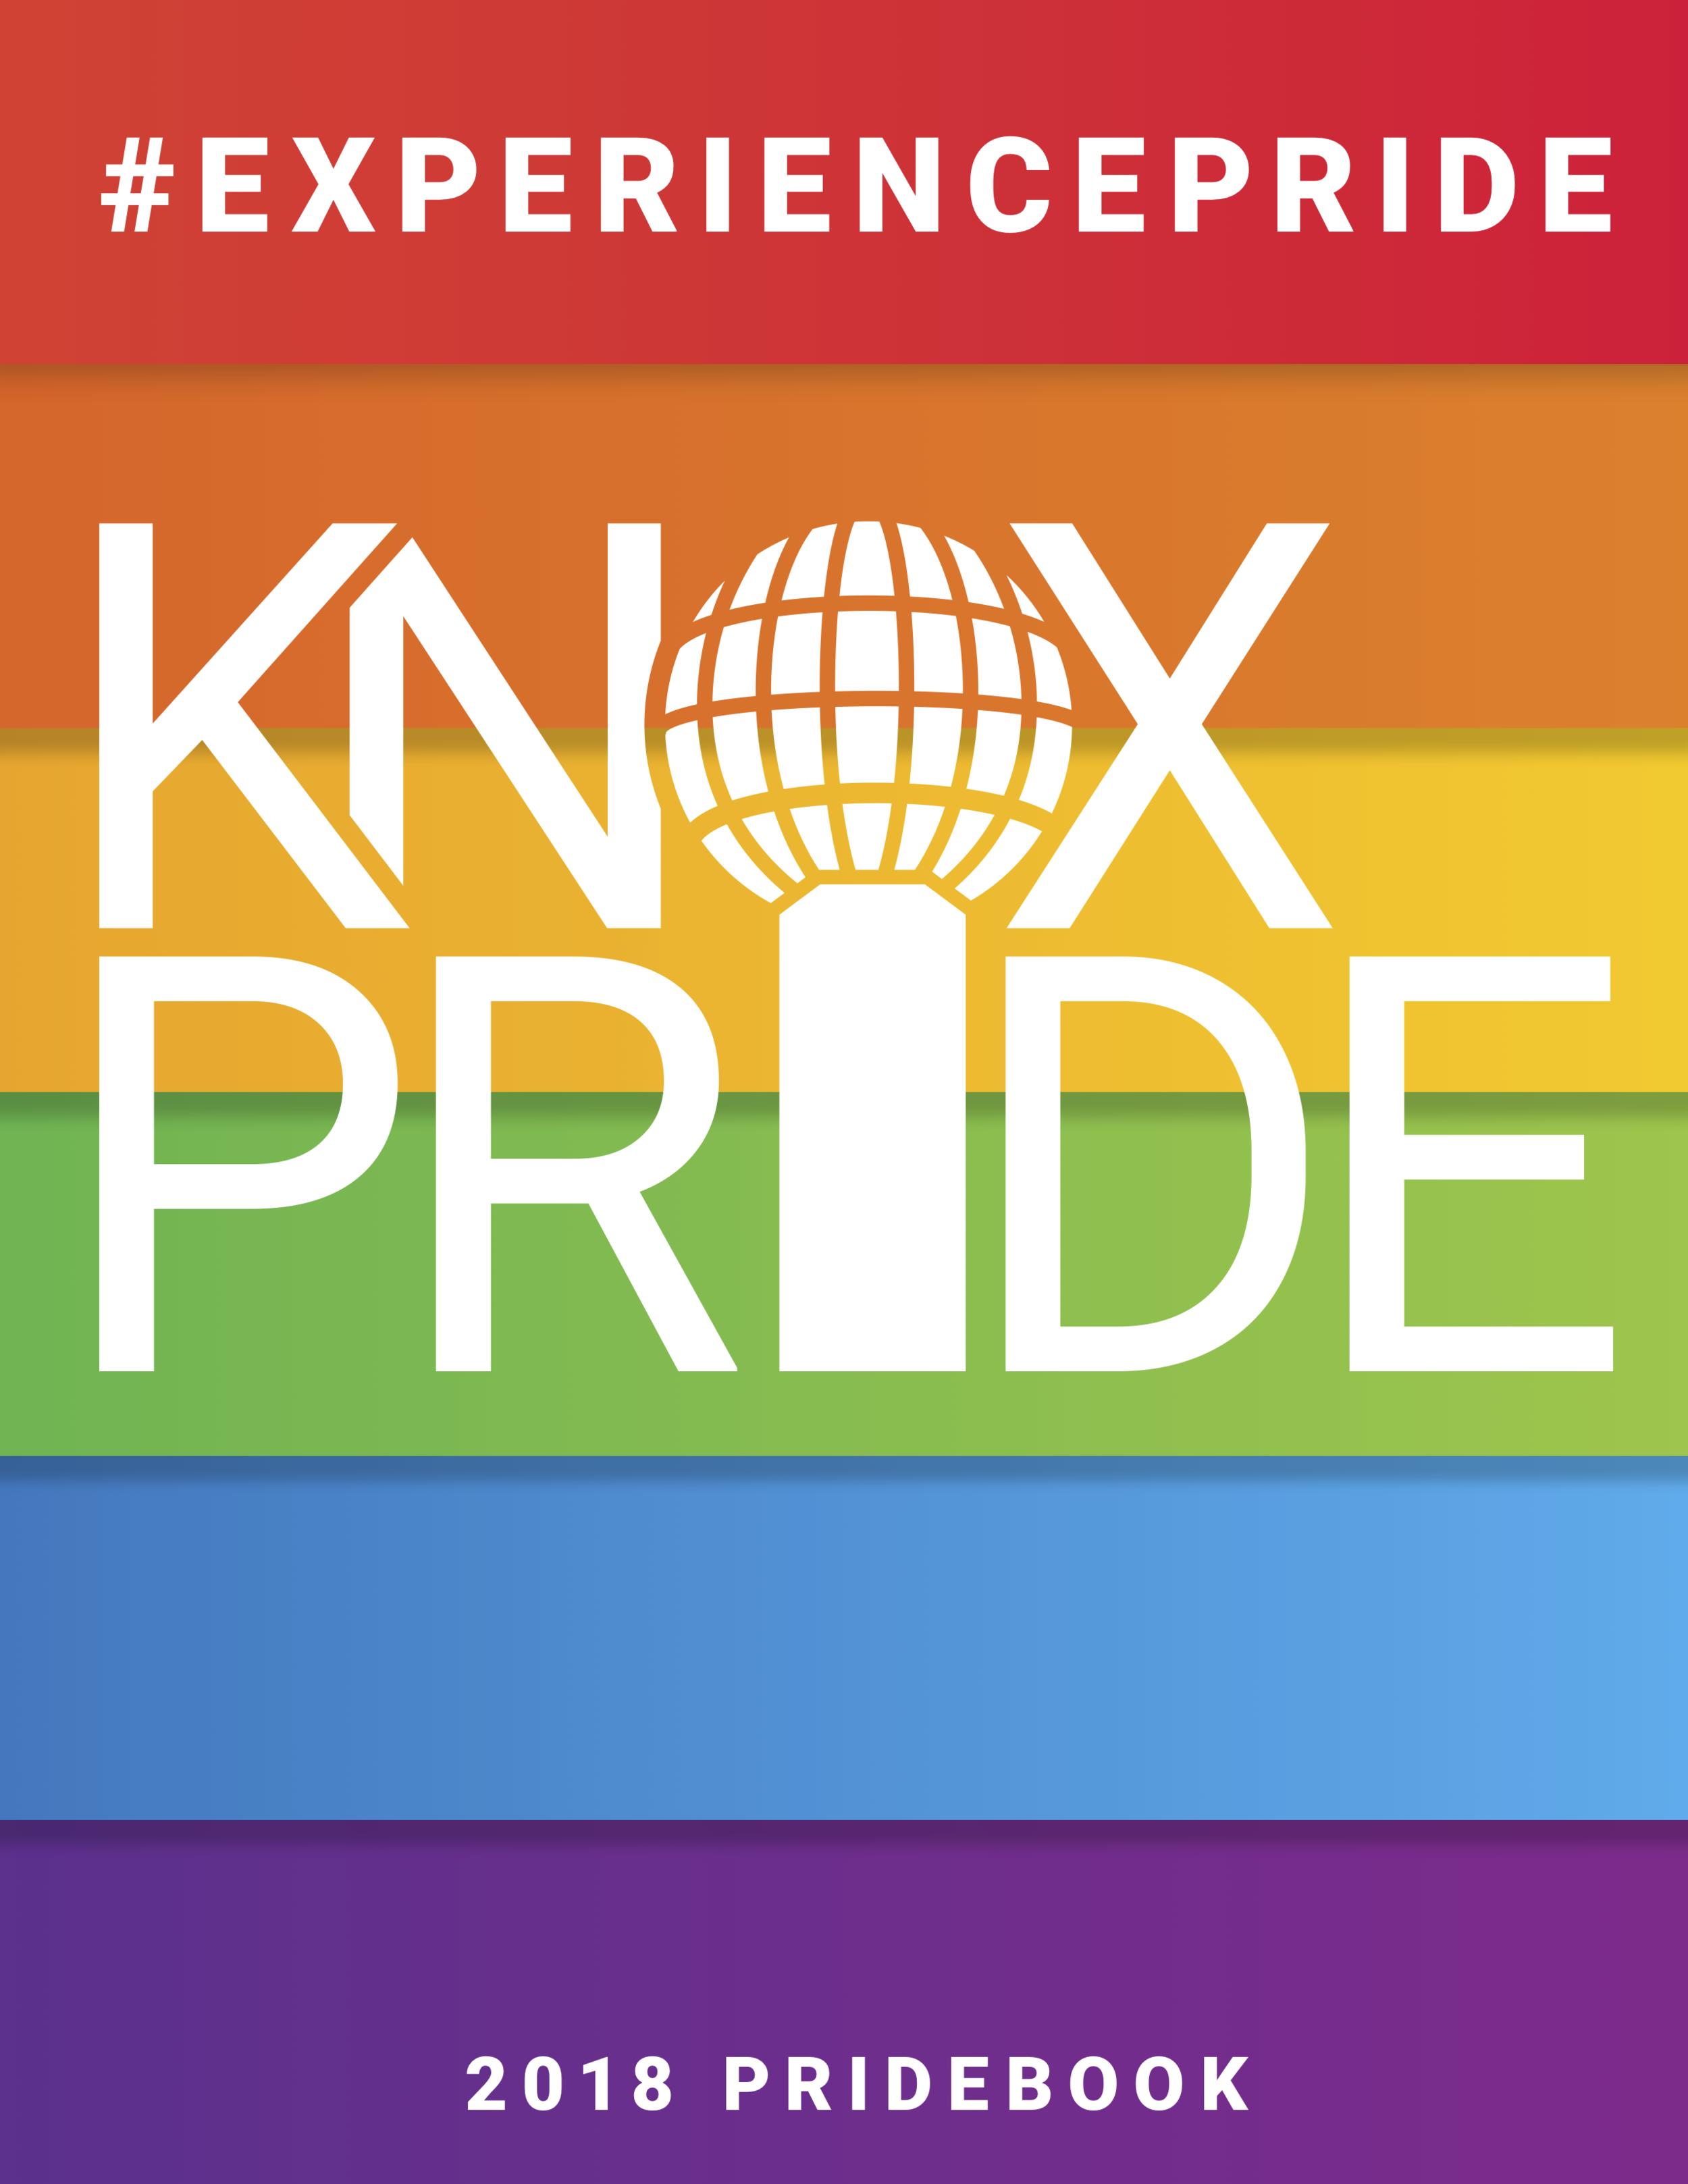 2018 Pridebook